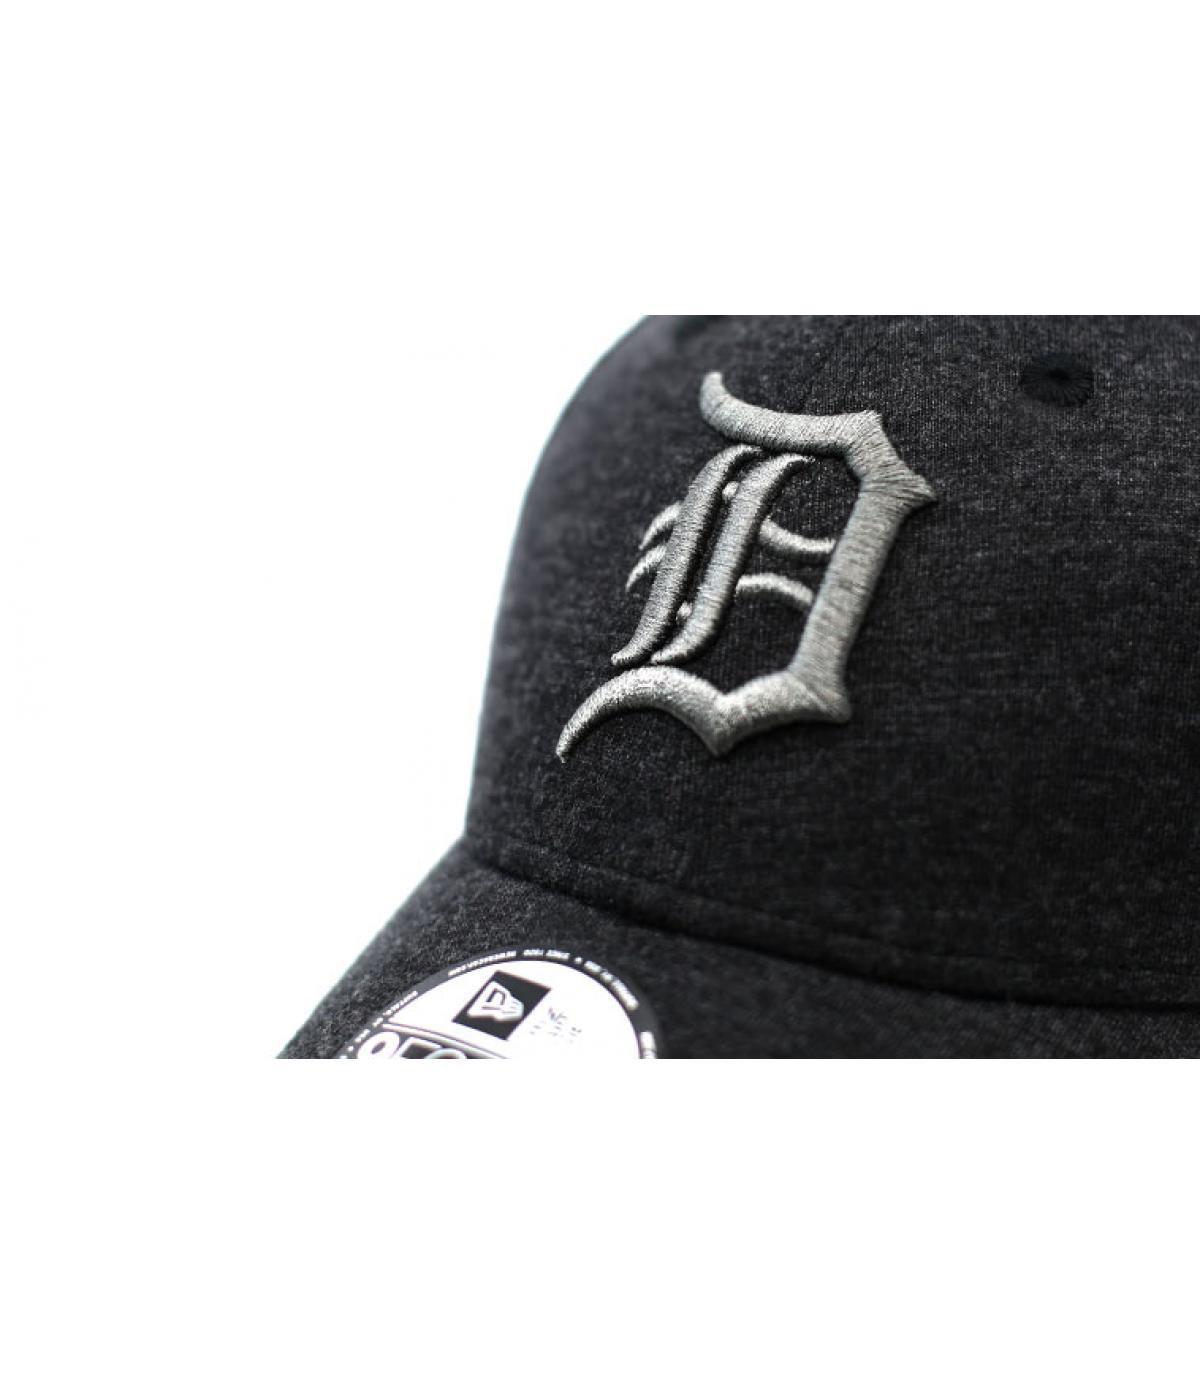 Details MLB Jersey Detroit graphite - afbeeling 3